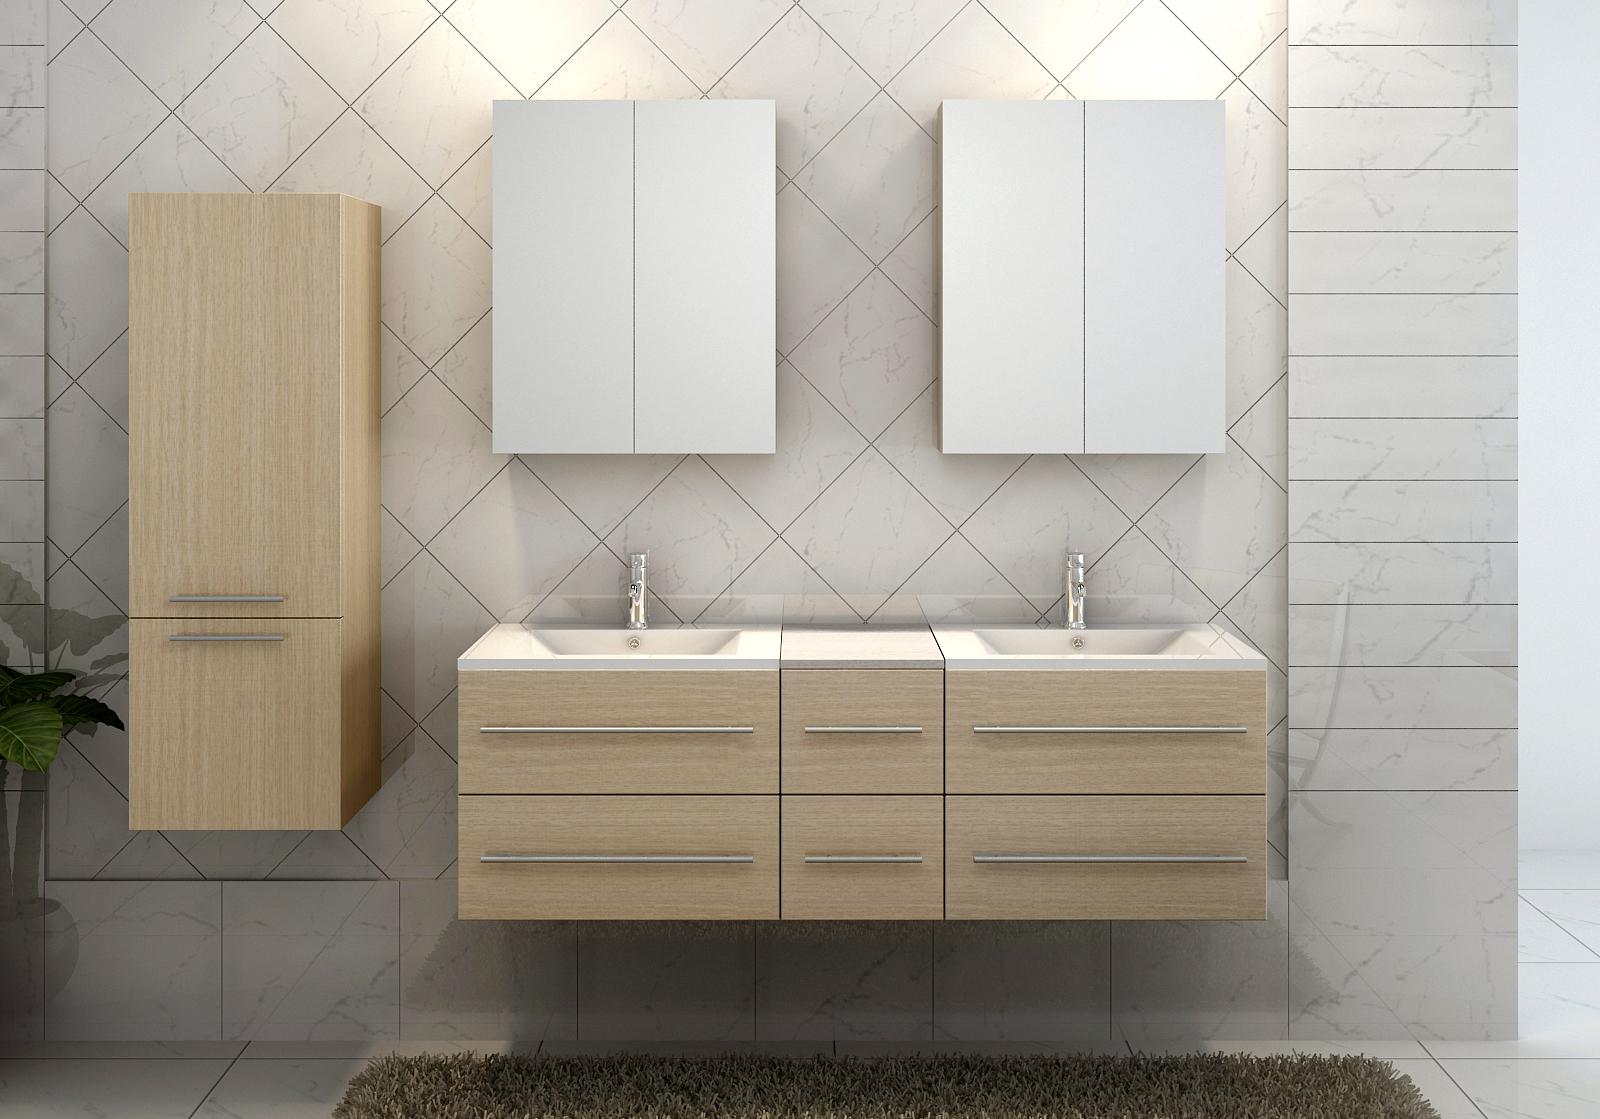 Doppelwaschtisch mit unterschrank und spiegelschrank  Doppelwaschtisch Mit Unterschrank 150 | gispatcher.com